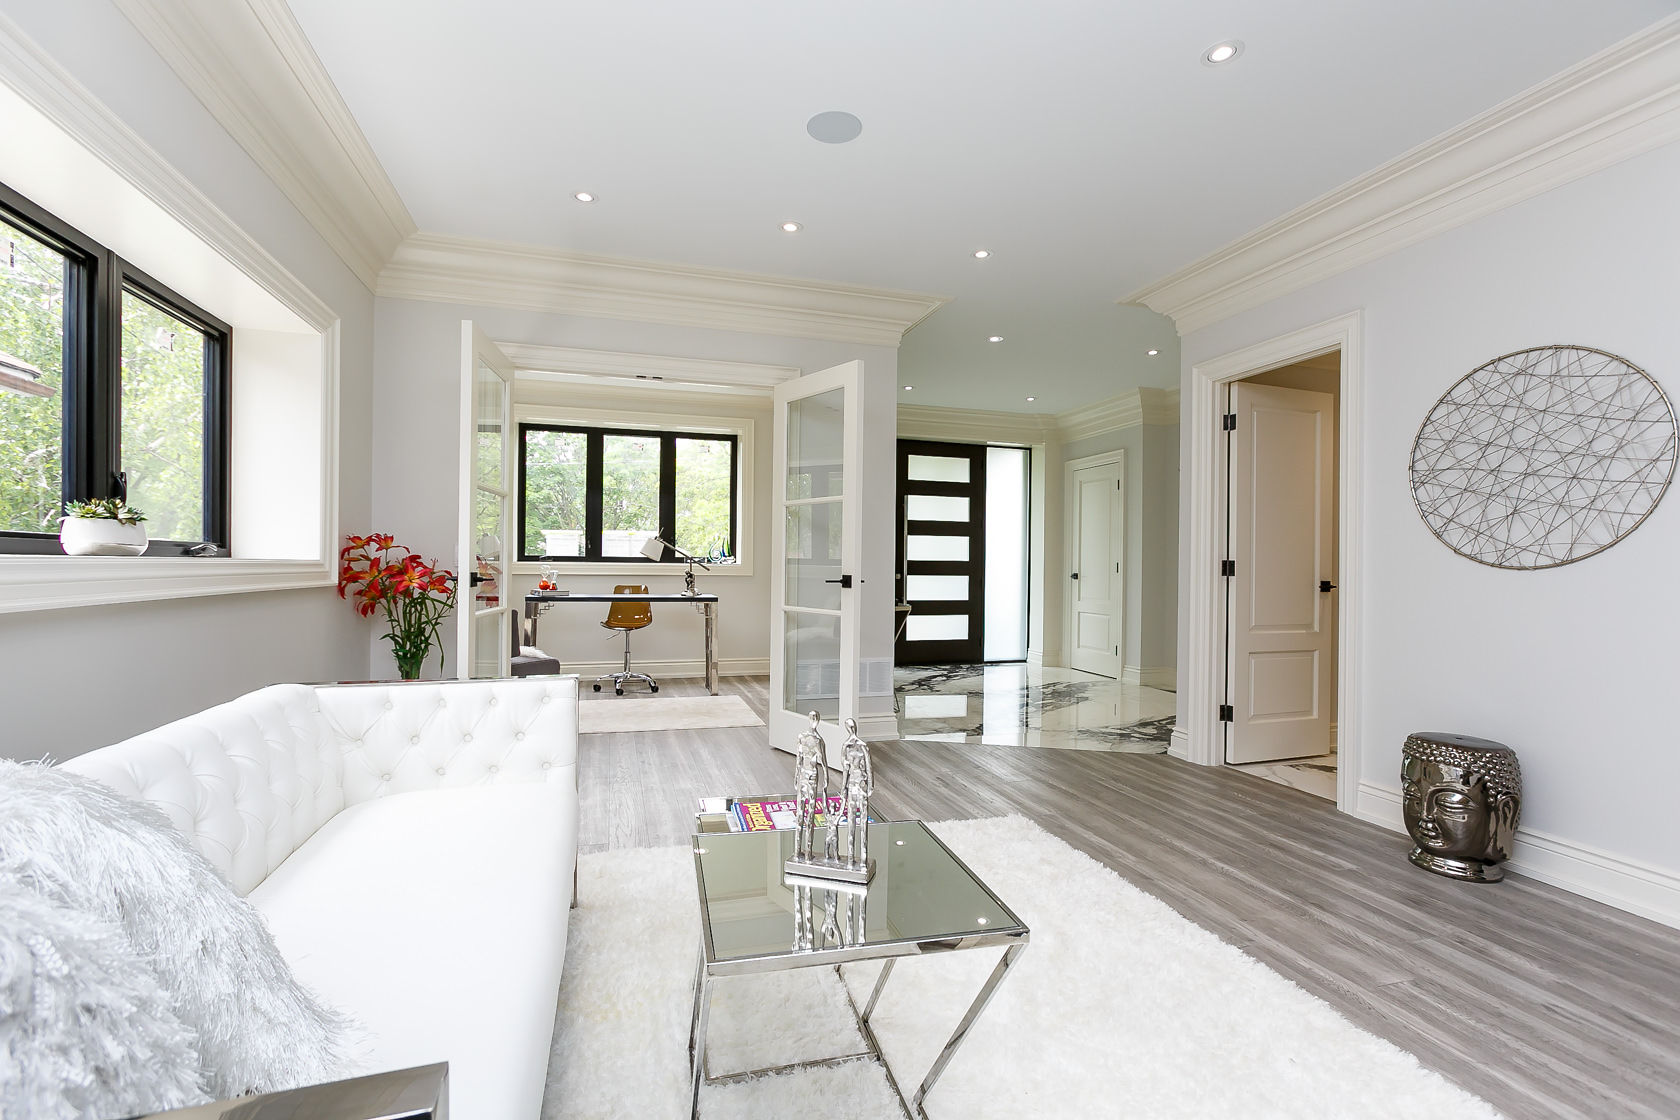 Living Room Walkway, 49 Rossburn, Etobicoke Home Staging